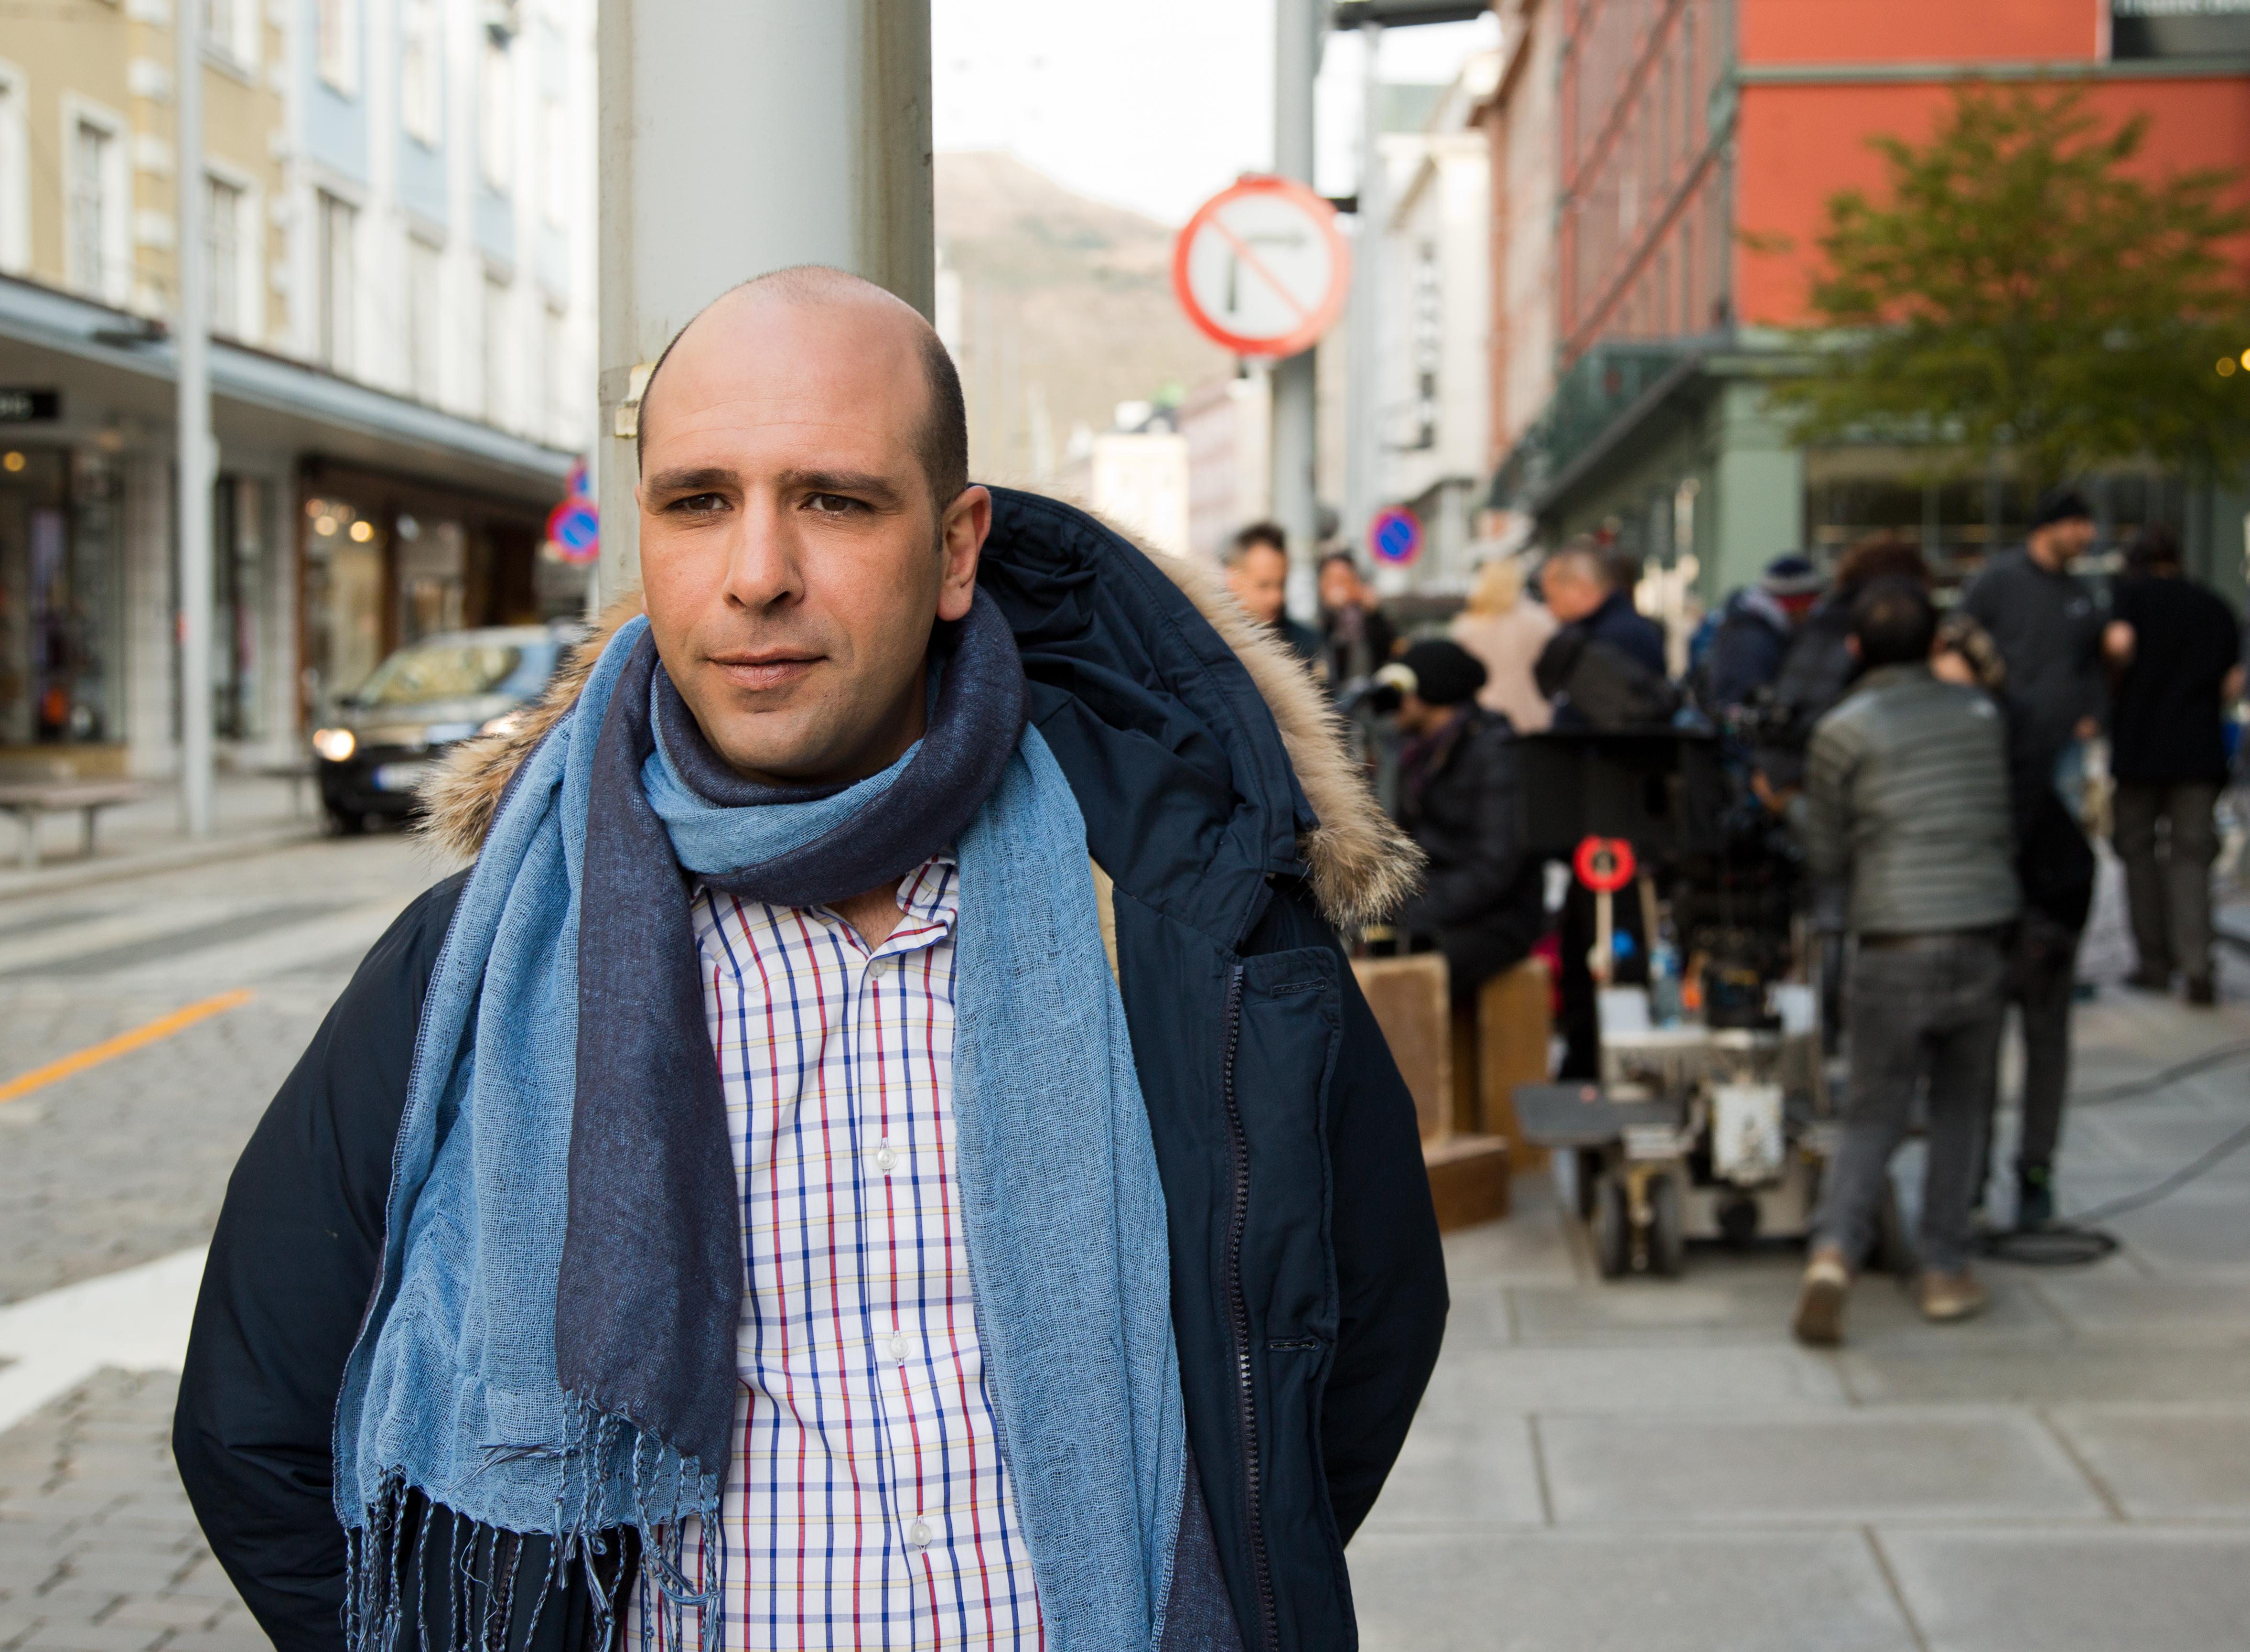 Zalone sciarpa@MaurizioRaspante